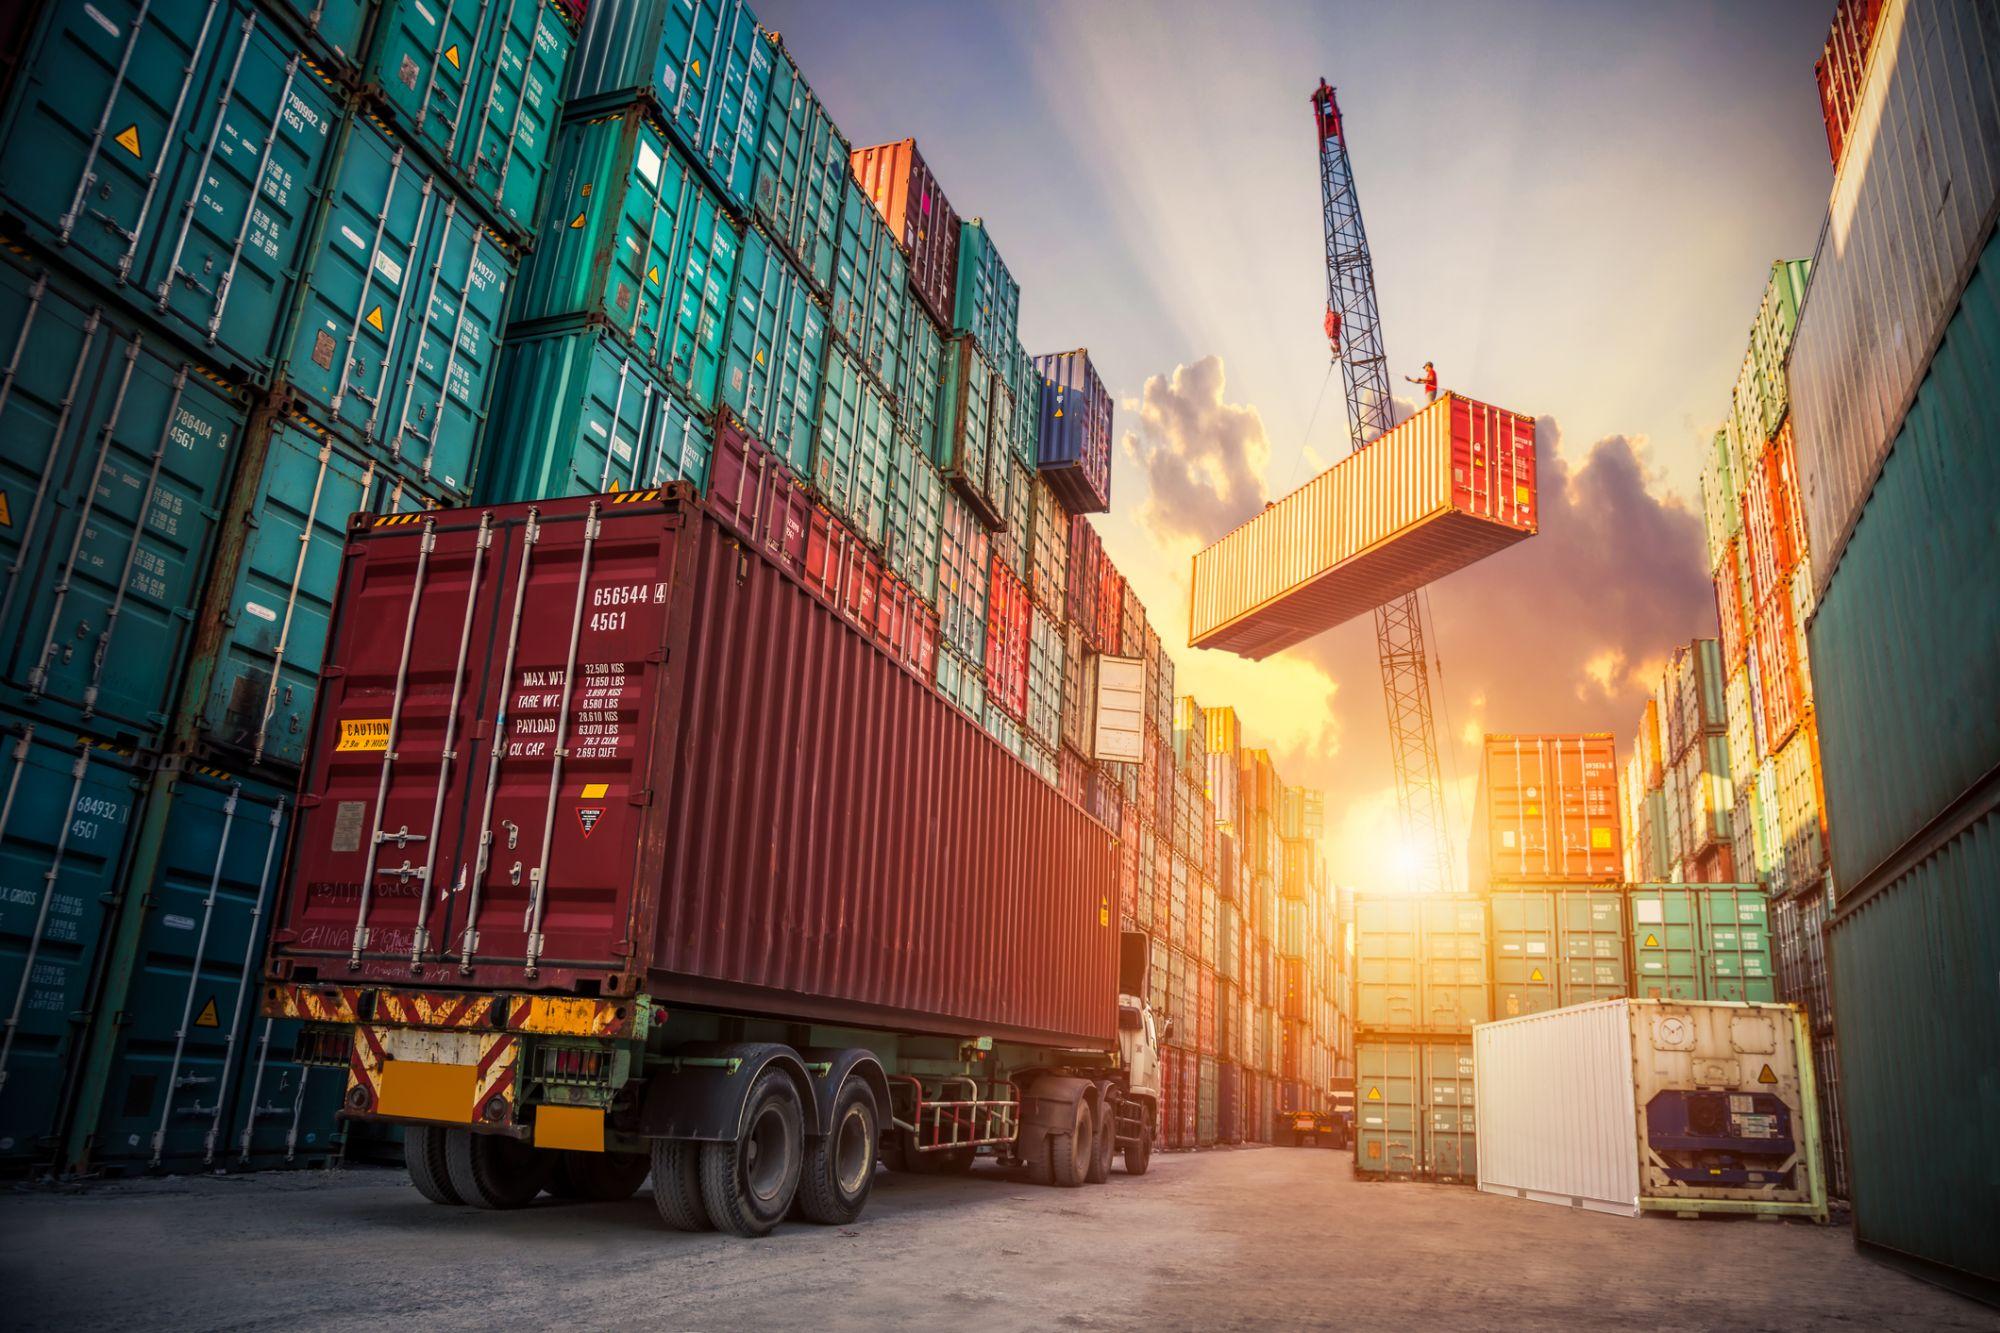 acheter une entreprise de logistique de courtage de fret